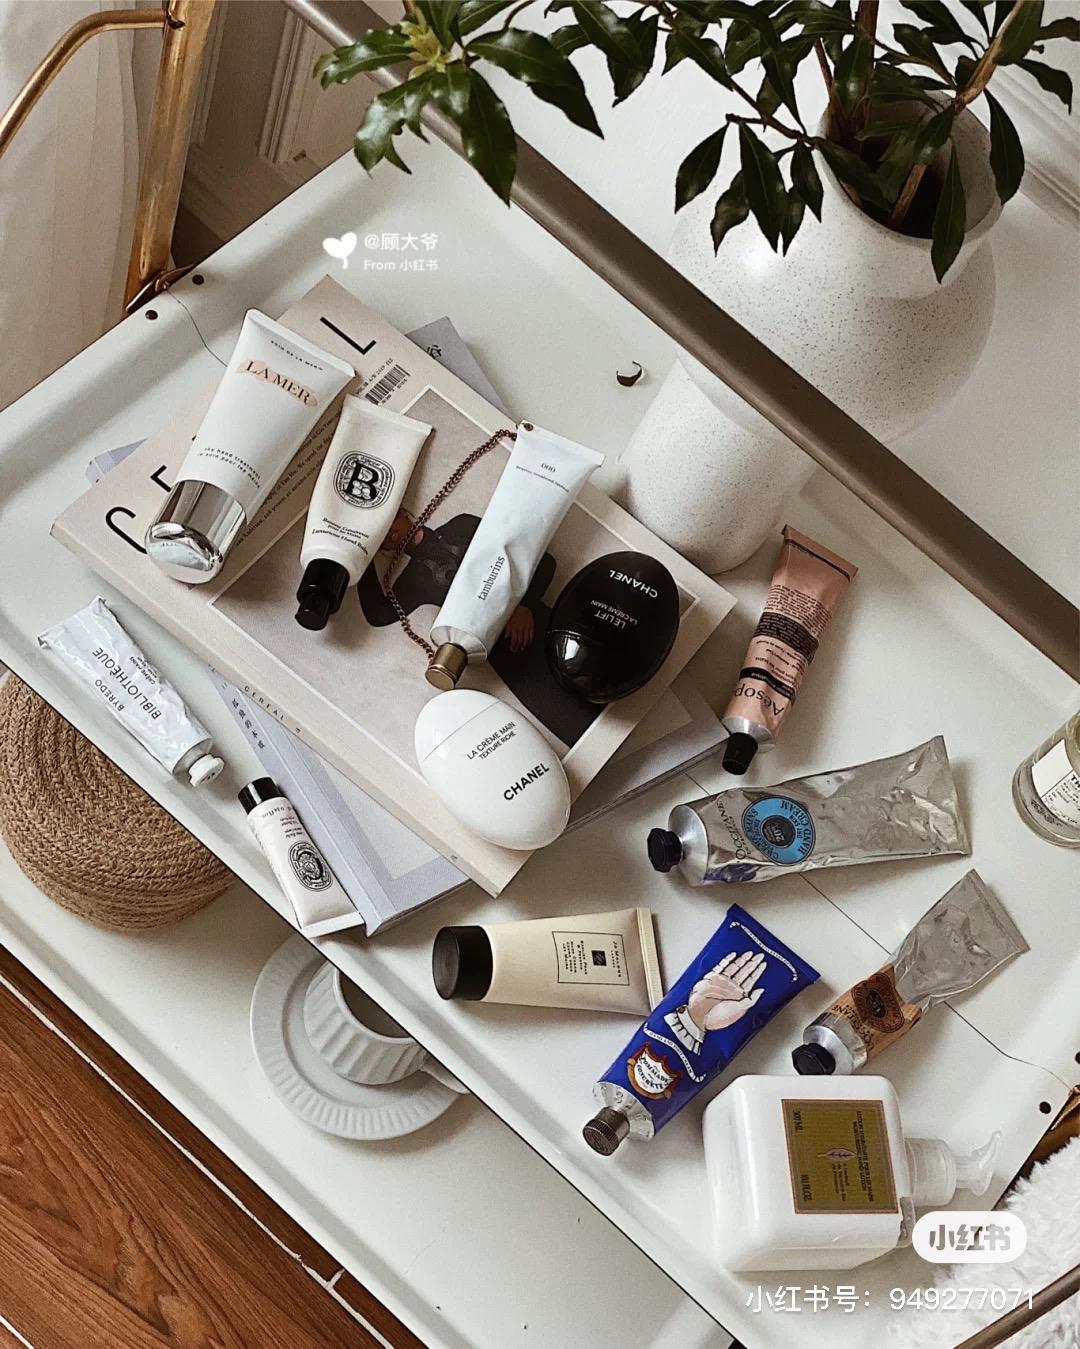 就跟護唇膏一樣,護手霜也可以在家裡、辦公室、常用的包包、車上都備著,畢竟是常用保養品,所以也不用擔心過期問題,多幫手補充營養。